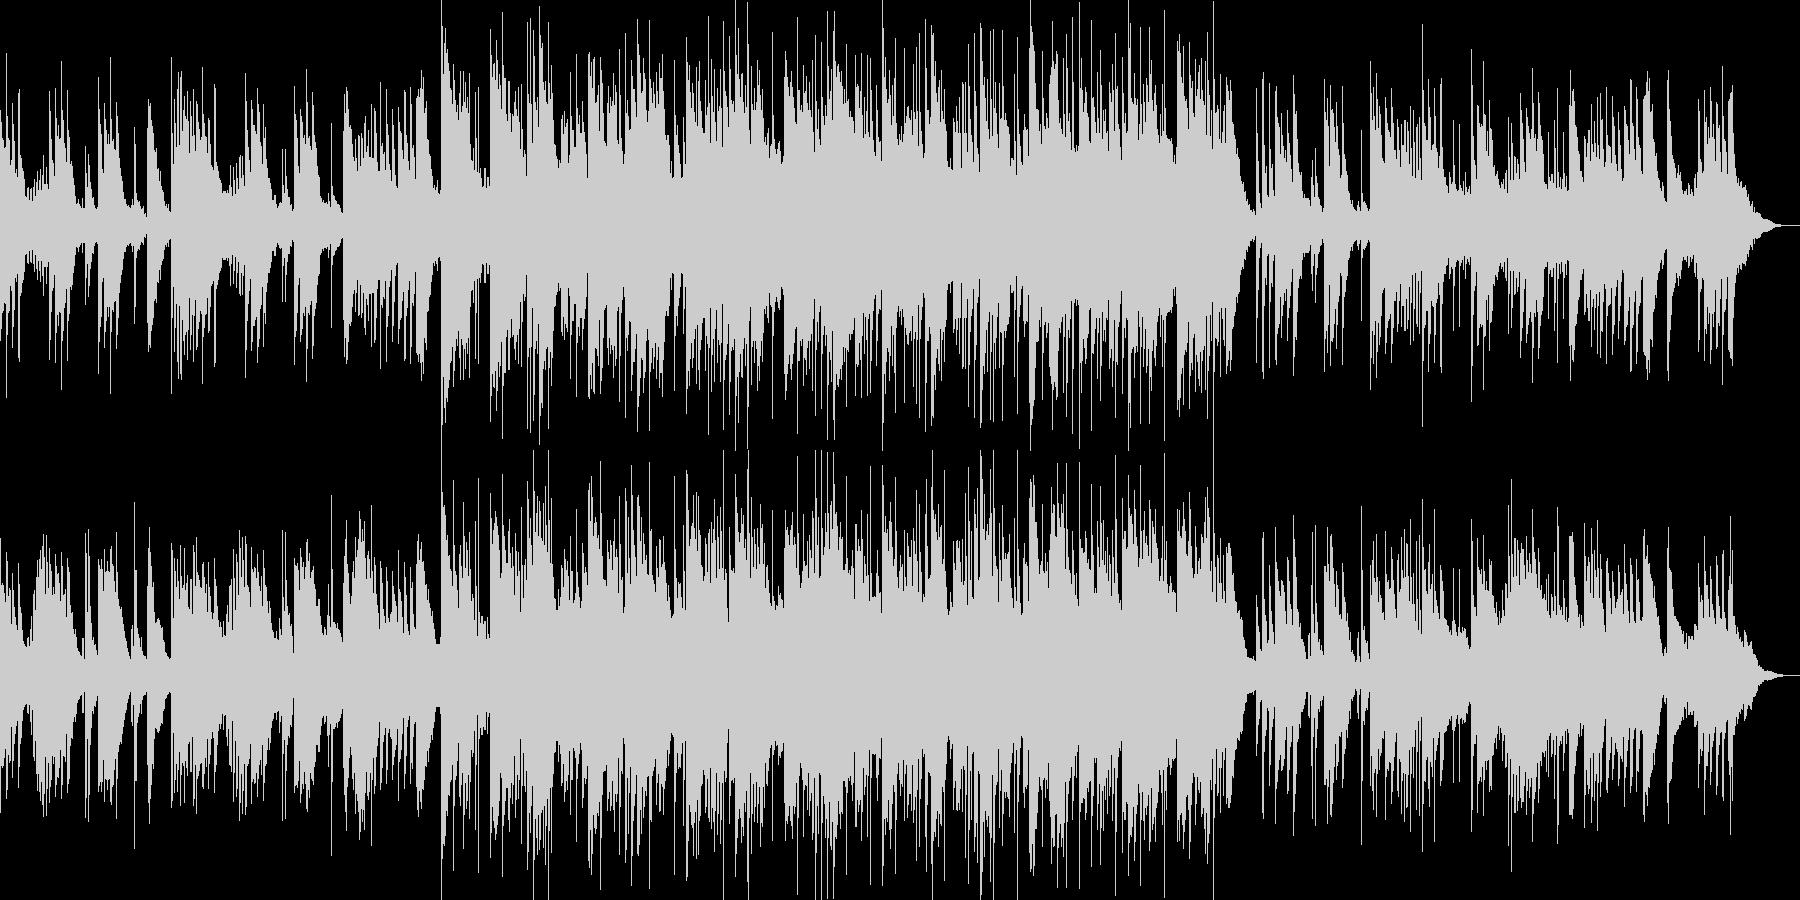 和楽器の音色を活かした和風スローグルーヴの未再生の波形